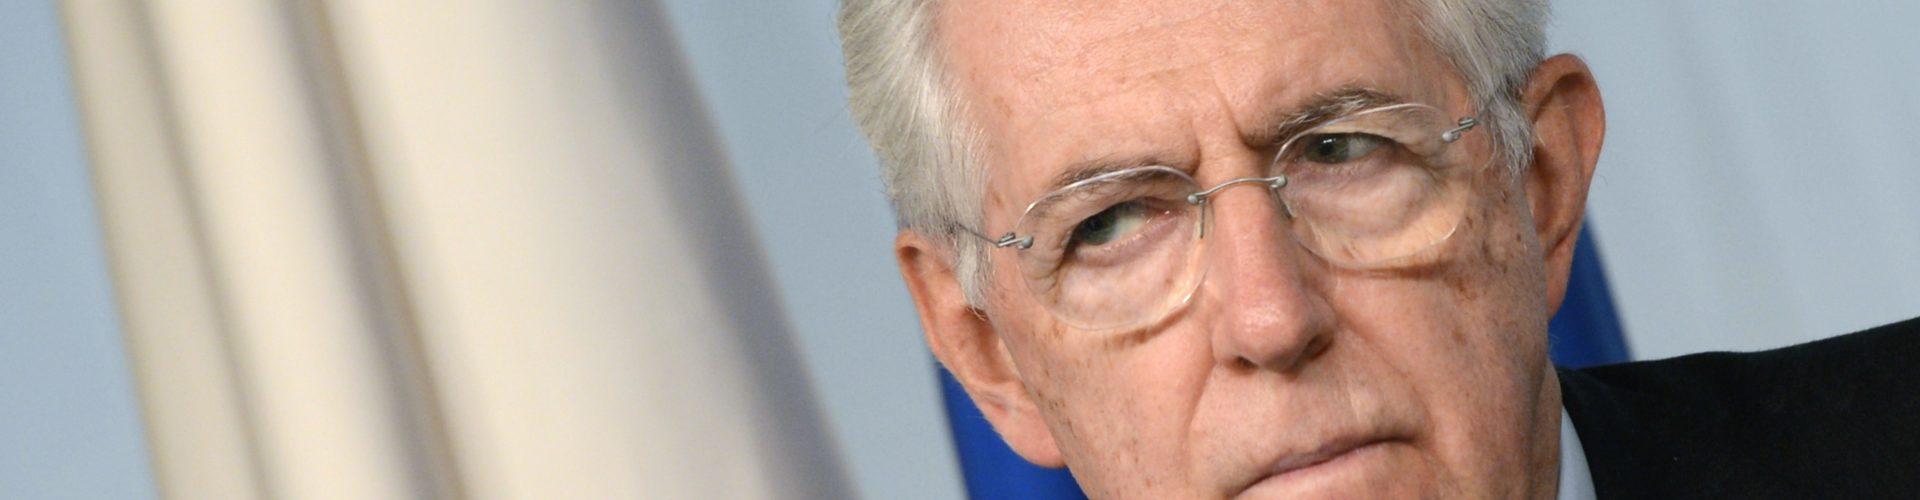 Attenzione, Mario Monti dispensa consigli al governo Conte (per nulla montiano)